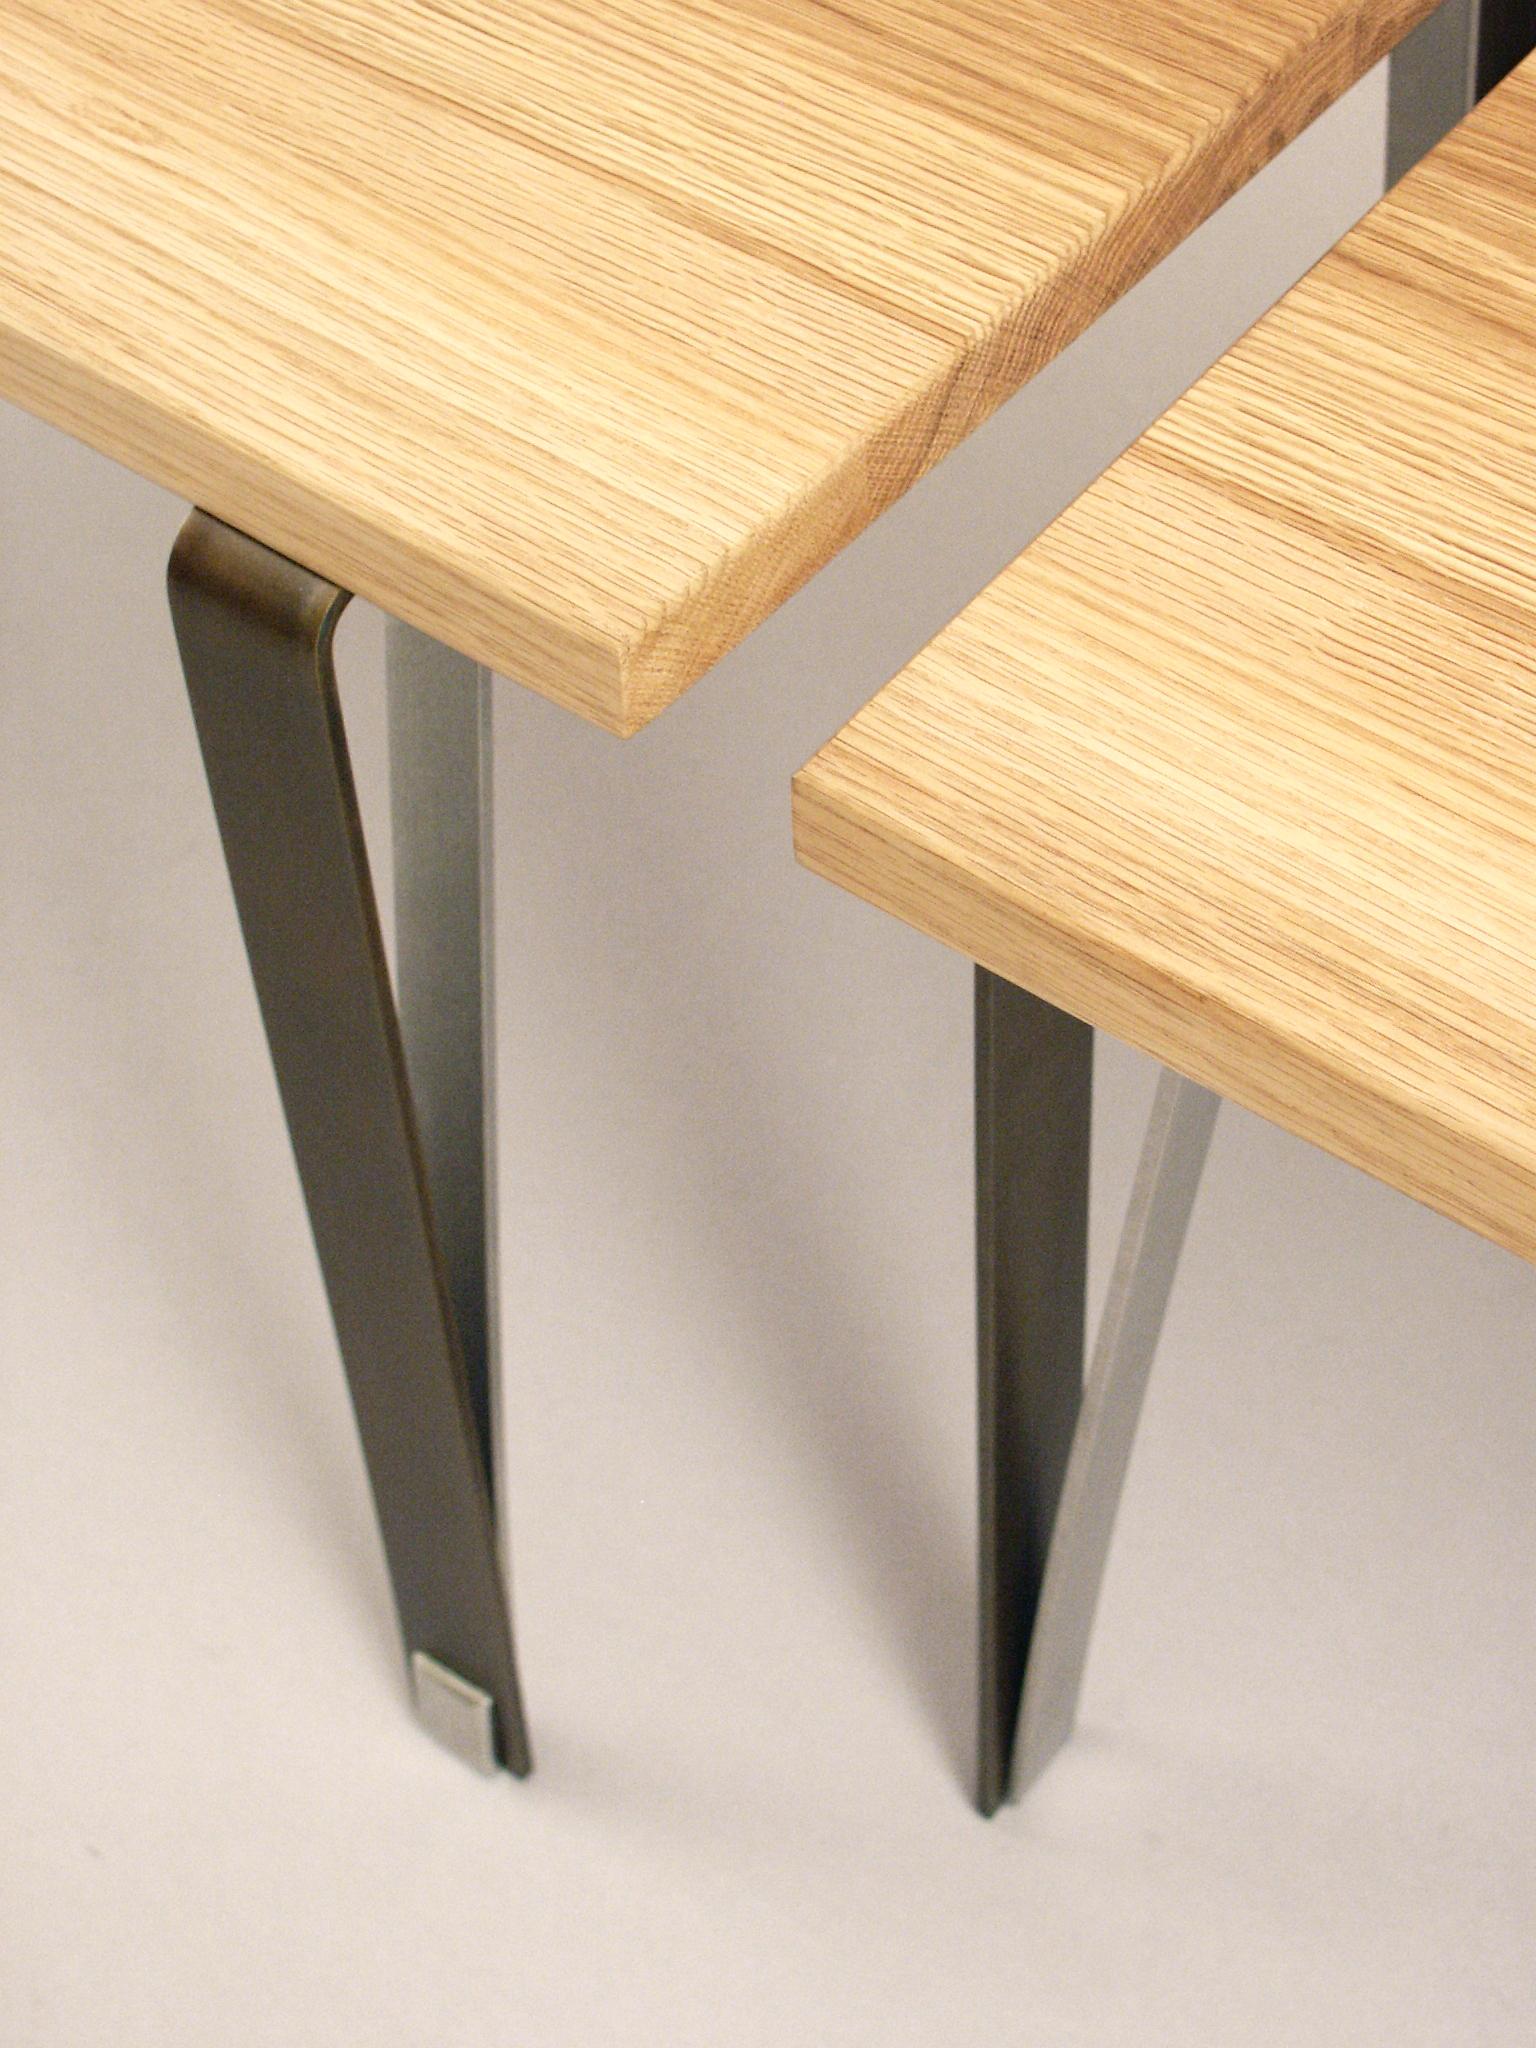 Table.9097.split.leg.detail.edit.jpg